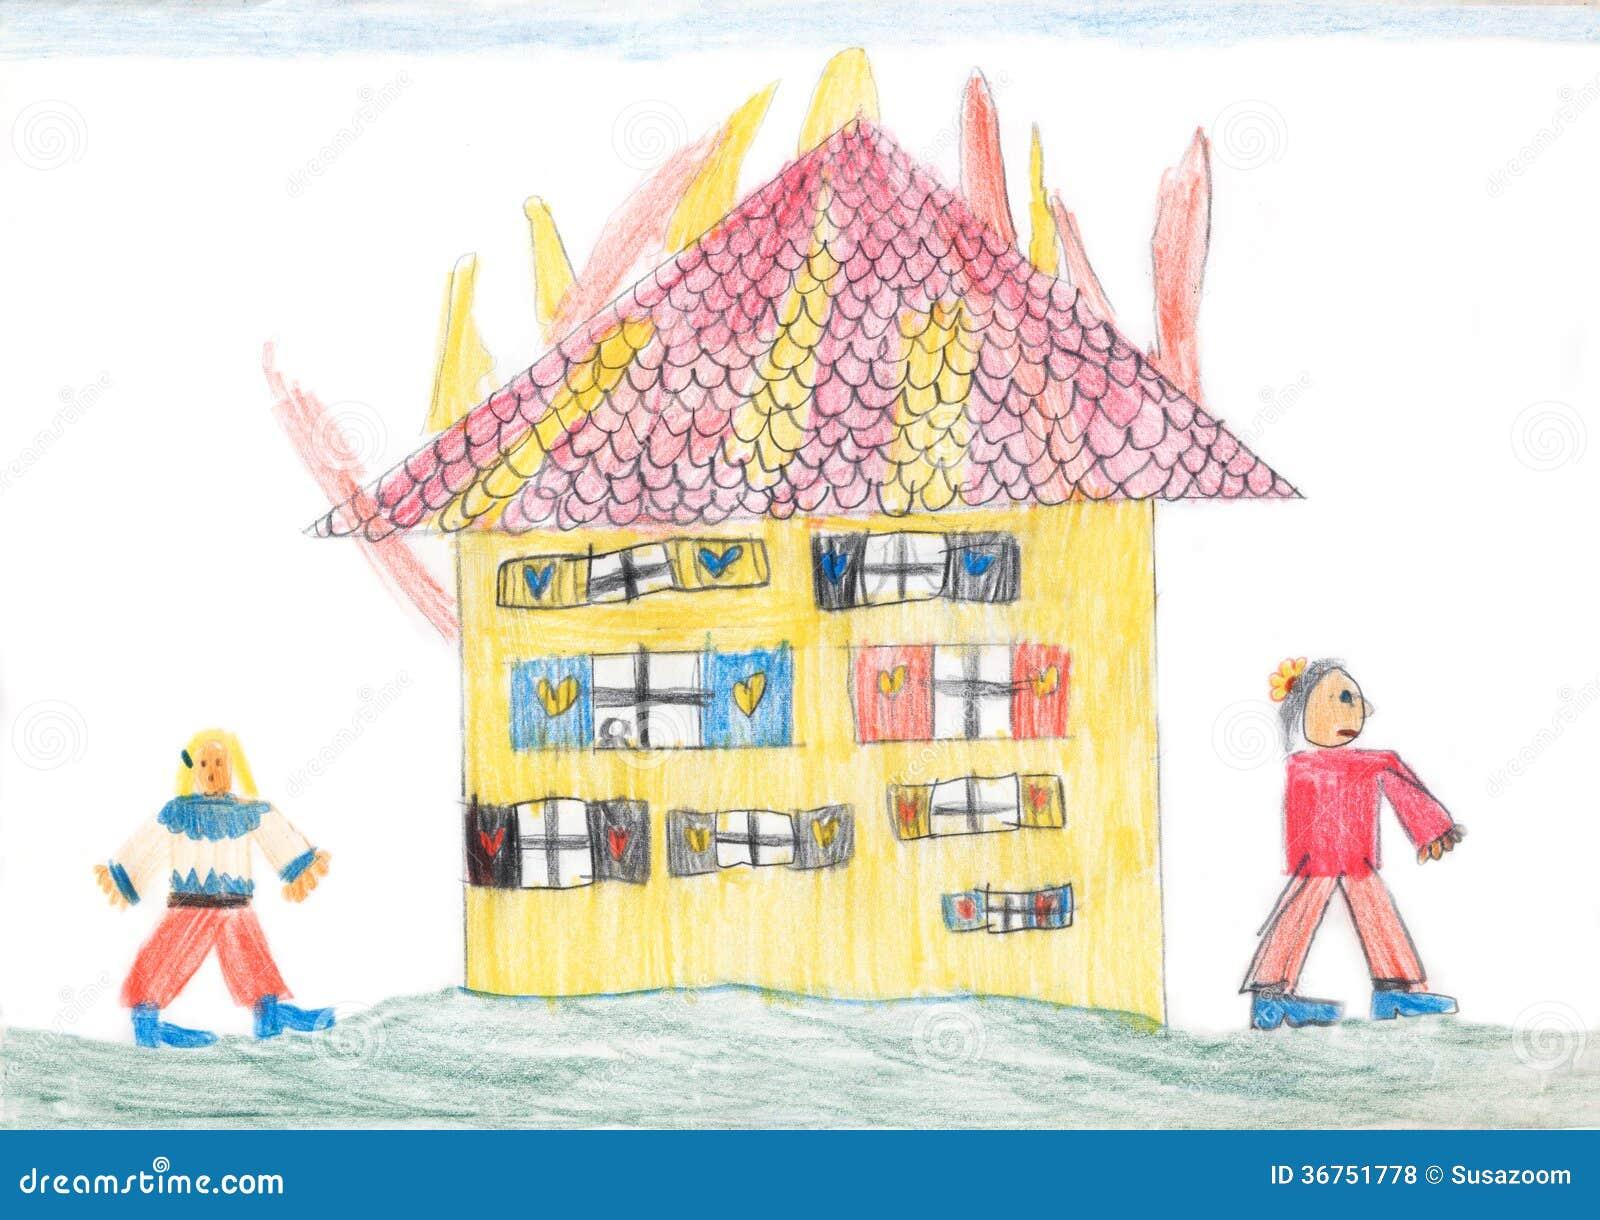 Рисунок дом что это значит